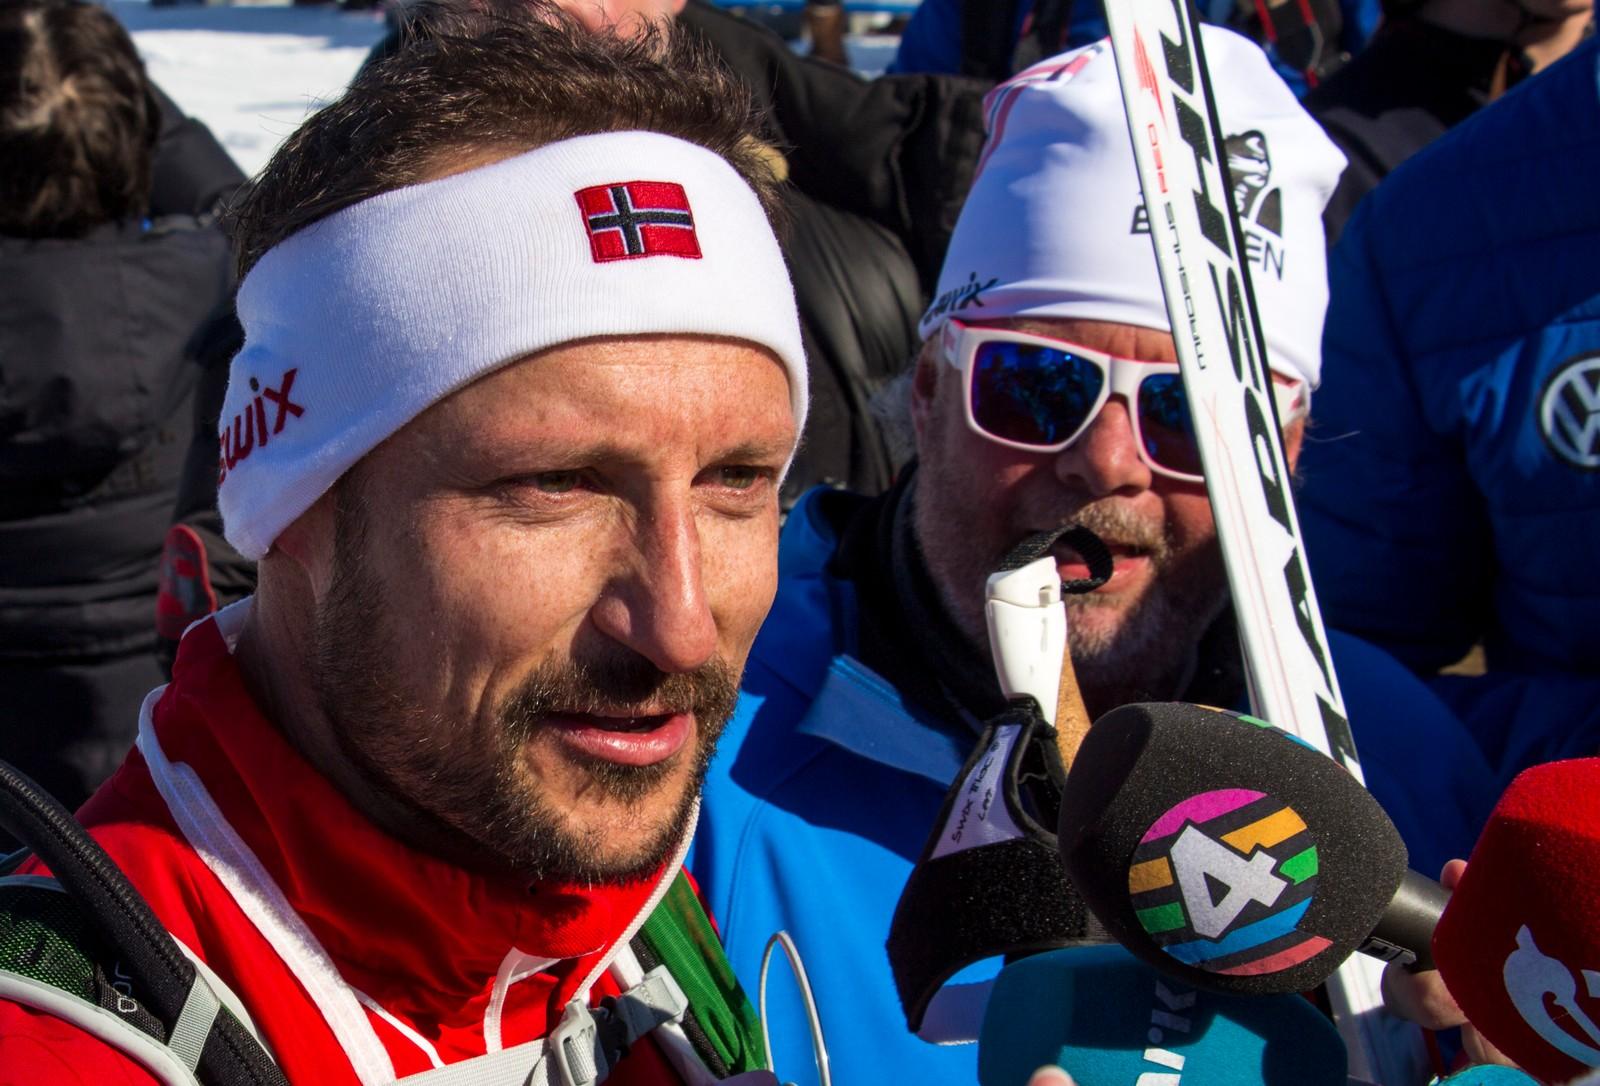 Kronprins Haakon var storfornøyd etter turen. Tida hans holdt også til å ta merket.